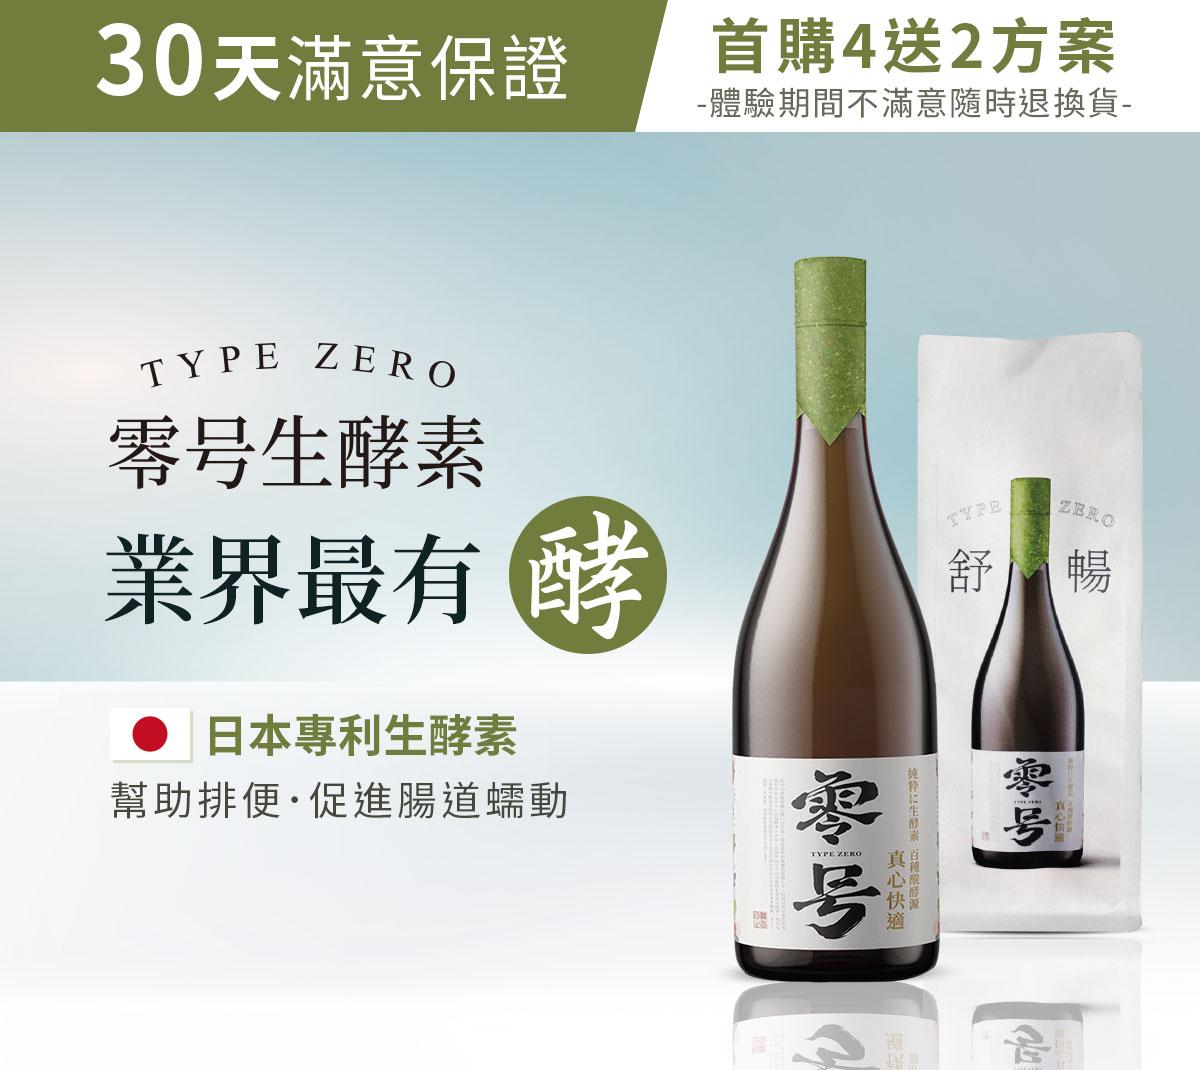 日本專利零號生酵素-業界最有酵-全球四國專利認證